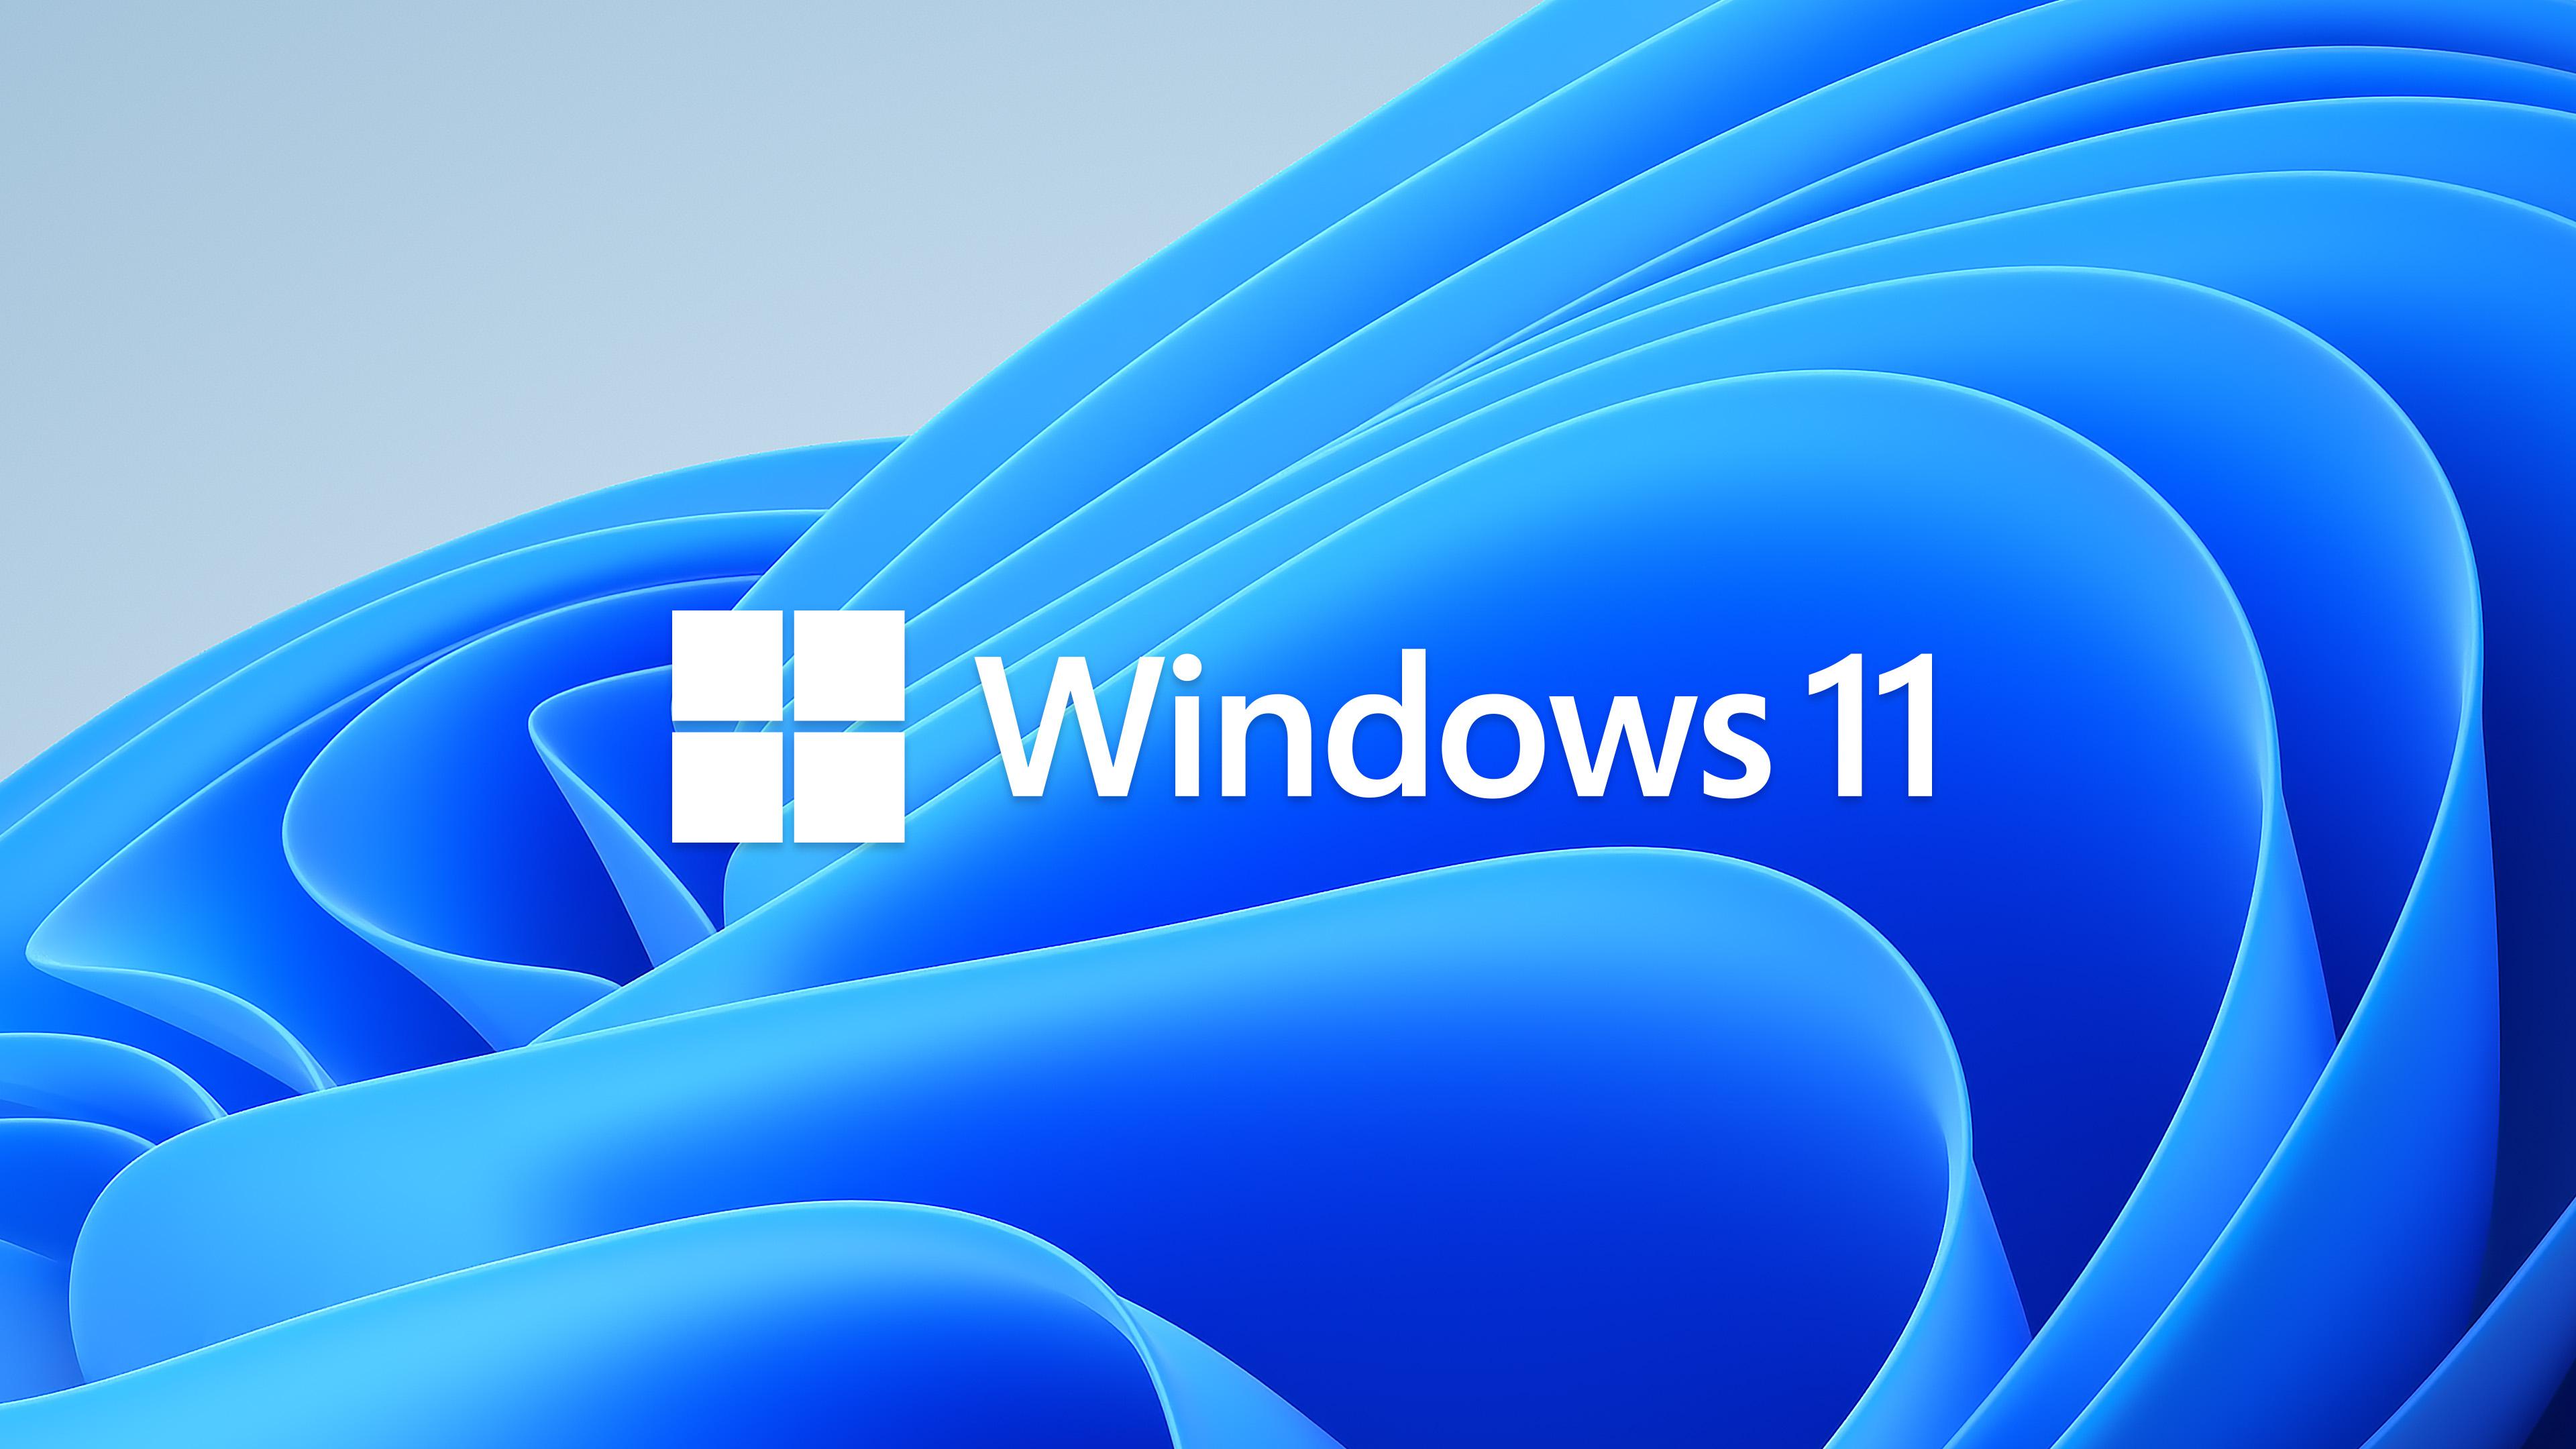 微软正式公布Windows 11 支持运行安卓应用